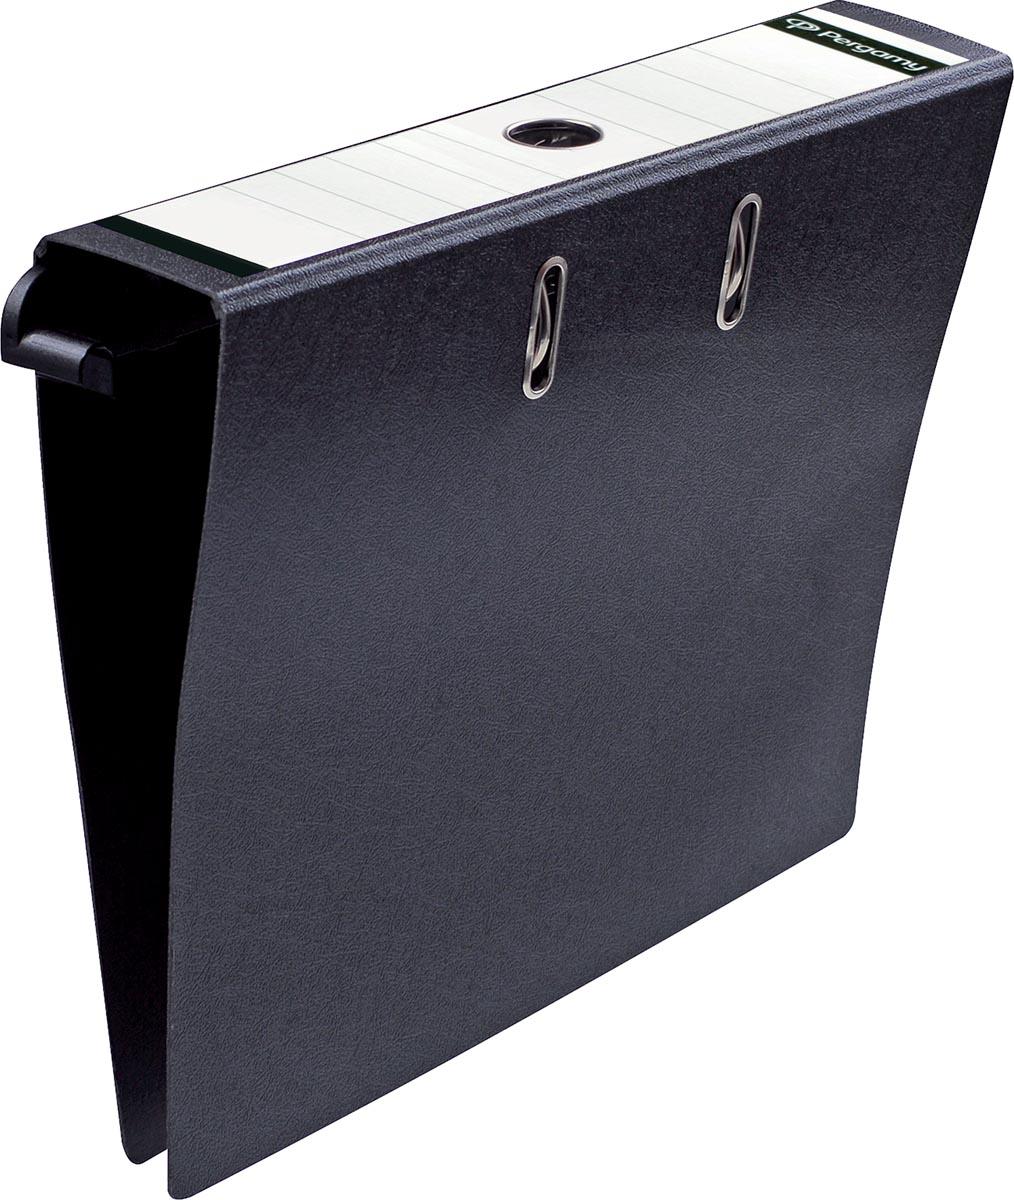 Pergamy hangmap voor ordners, uit karton, voor ft A4, rug van 8 cm, zwart